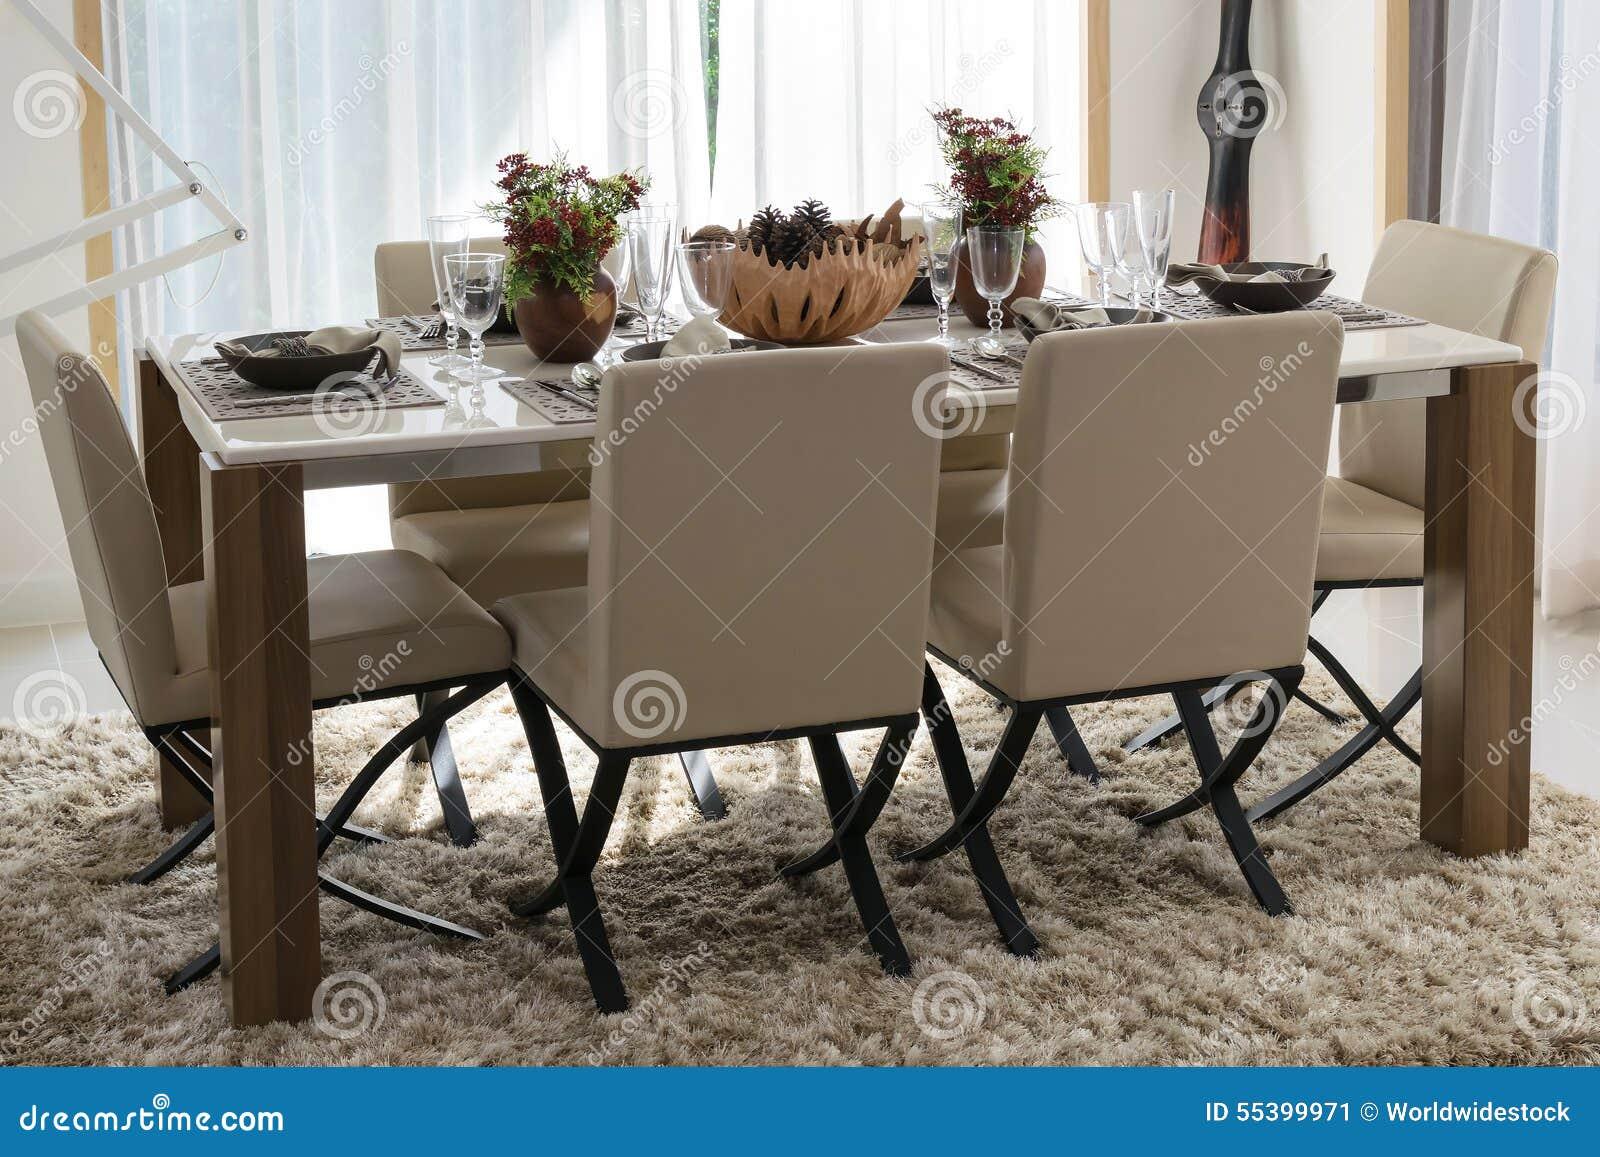 Tavoli E Sedie Per Cucina Moderna. Stunning Sedie Per Cucine Moderne ...